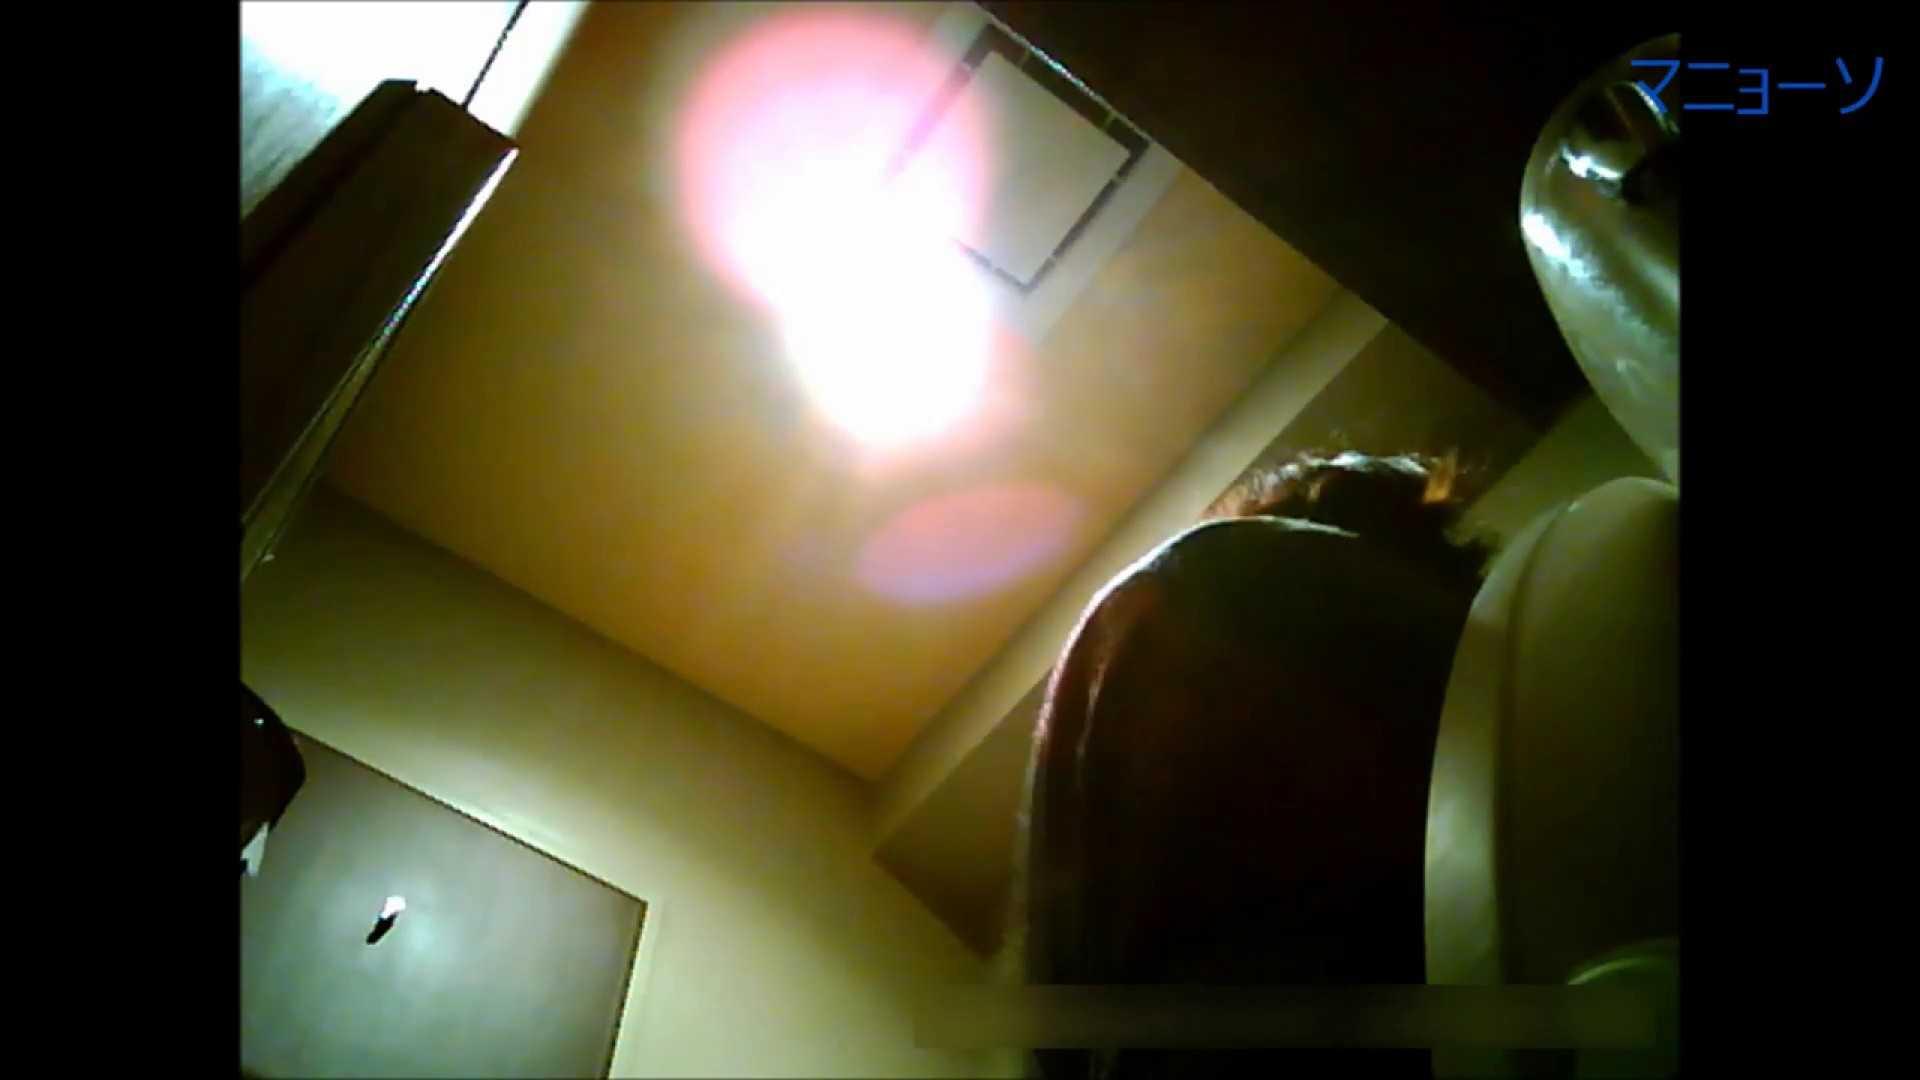 トイレでひと肌脱いでもらいました (JD編)Vol.02 トイレ中の女子達  106連発 6